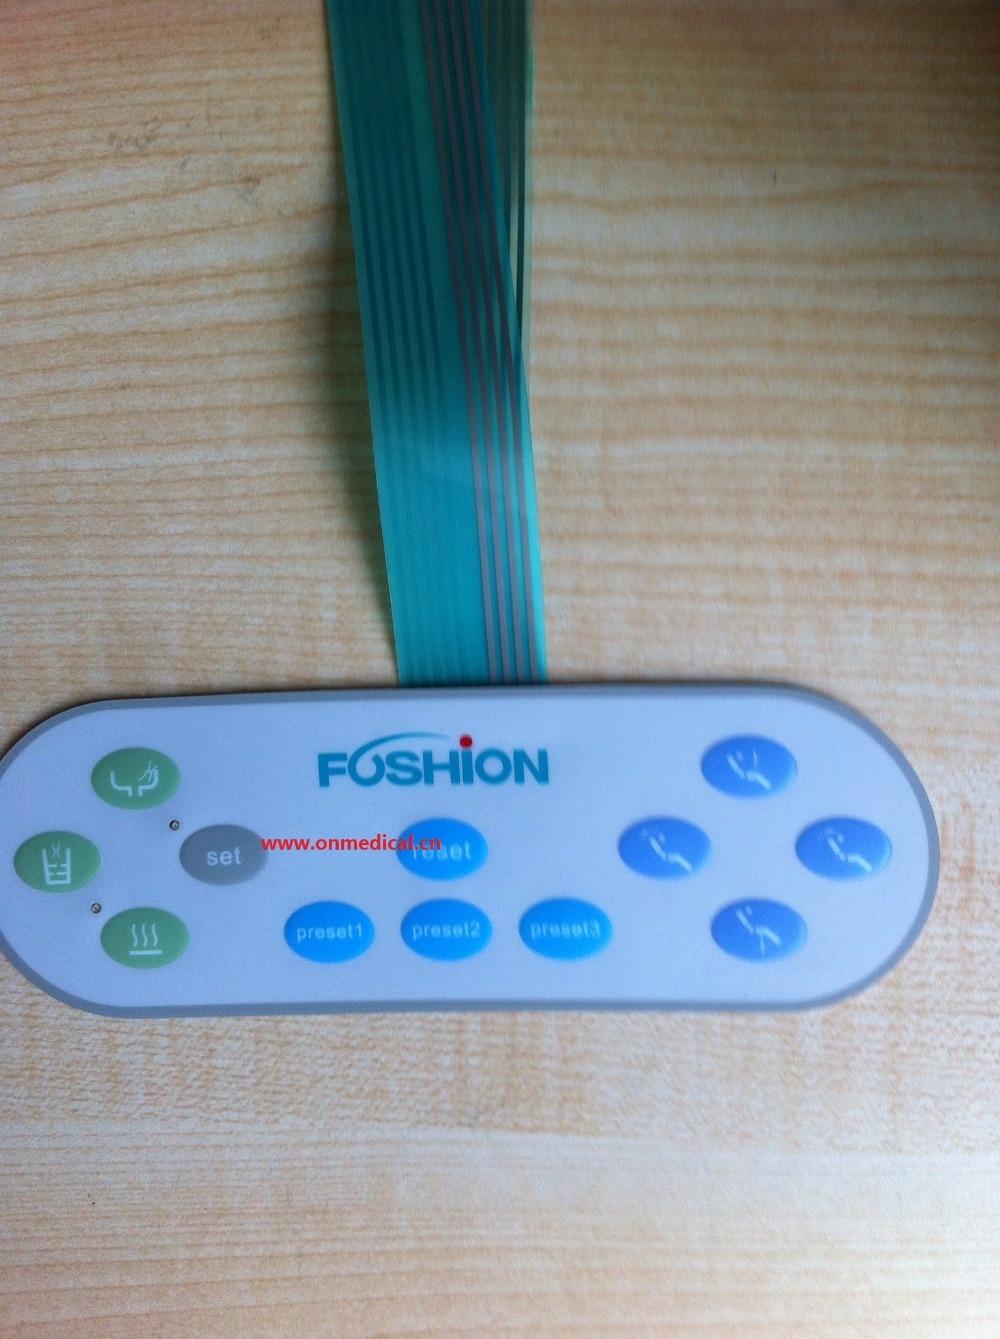 Стоматологическое кресло Foshion FJ22 FJ24J с клавиатурой управления